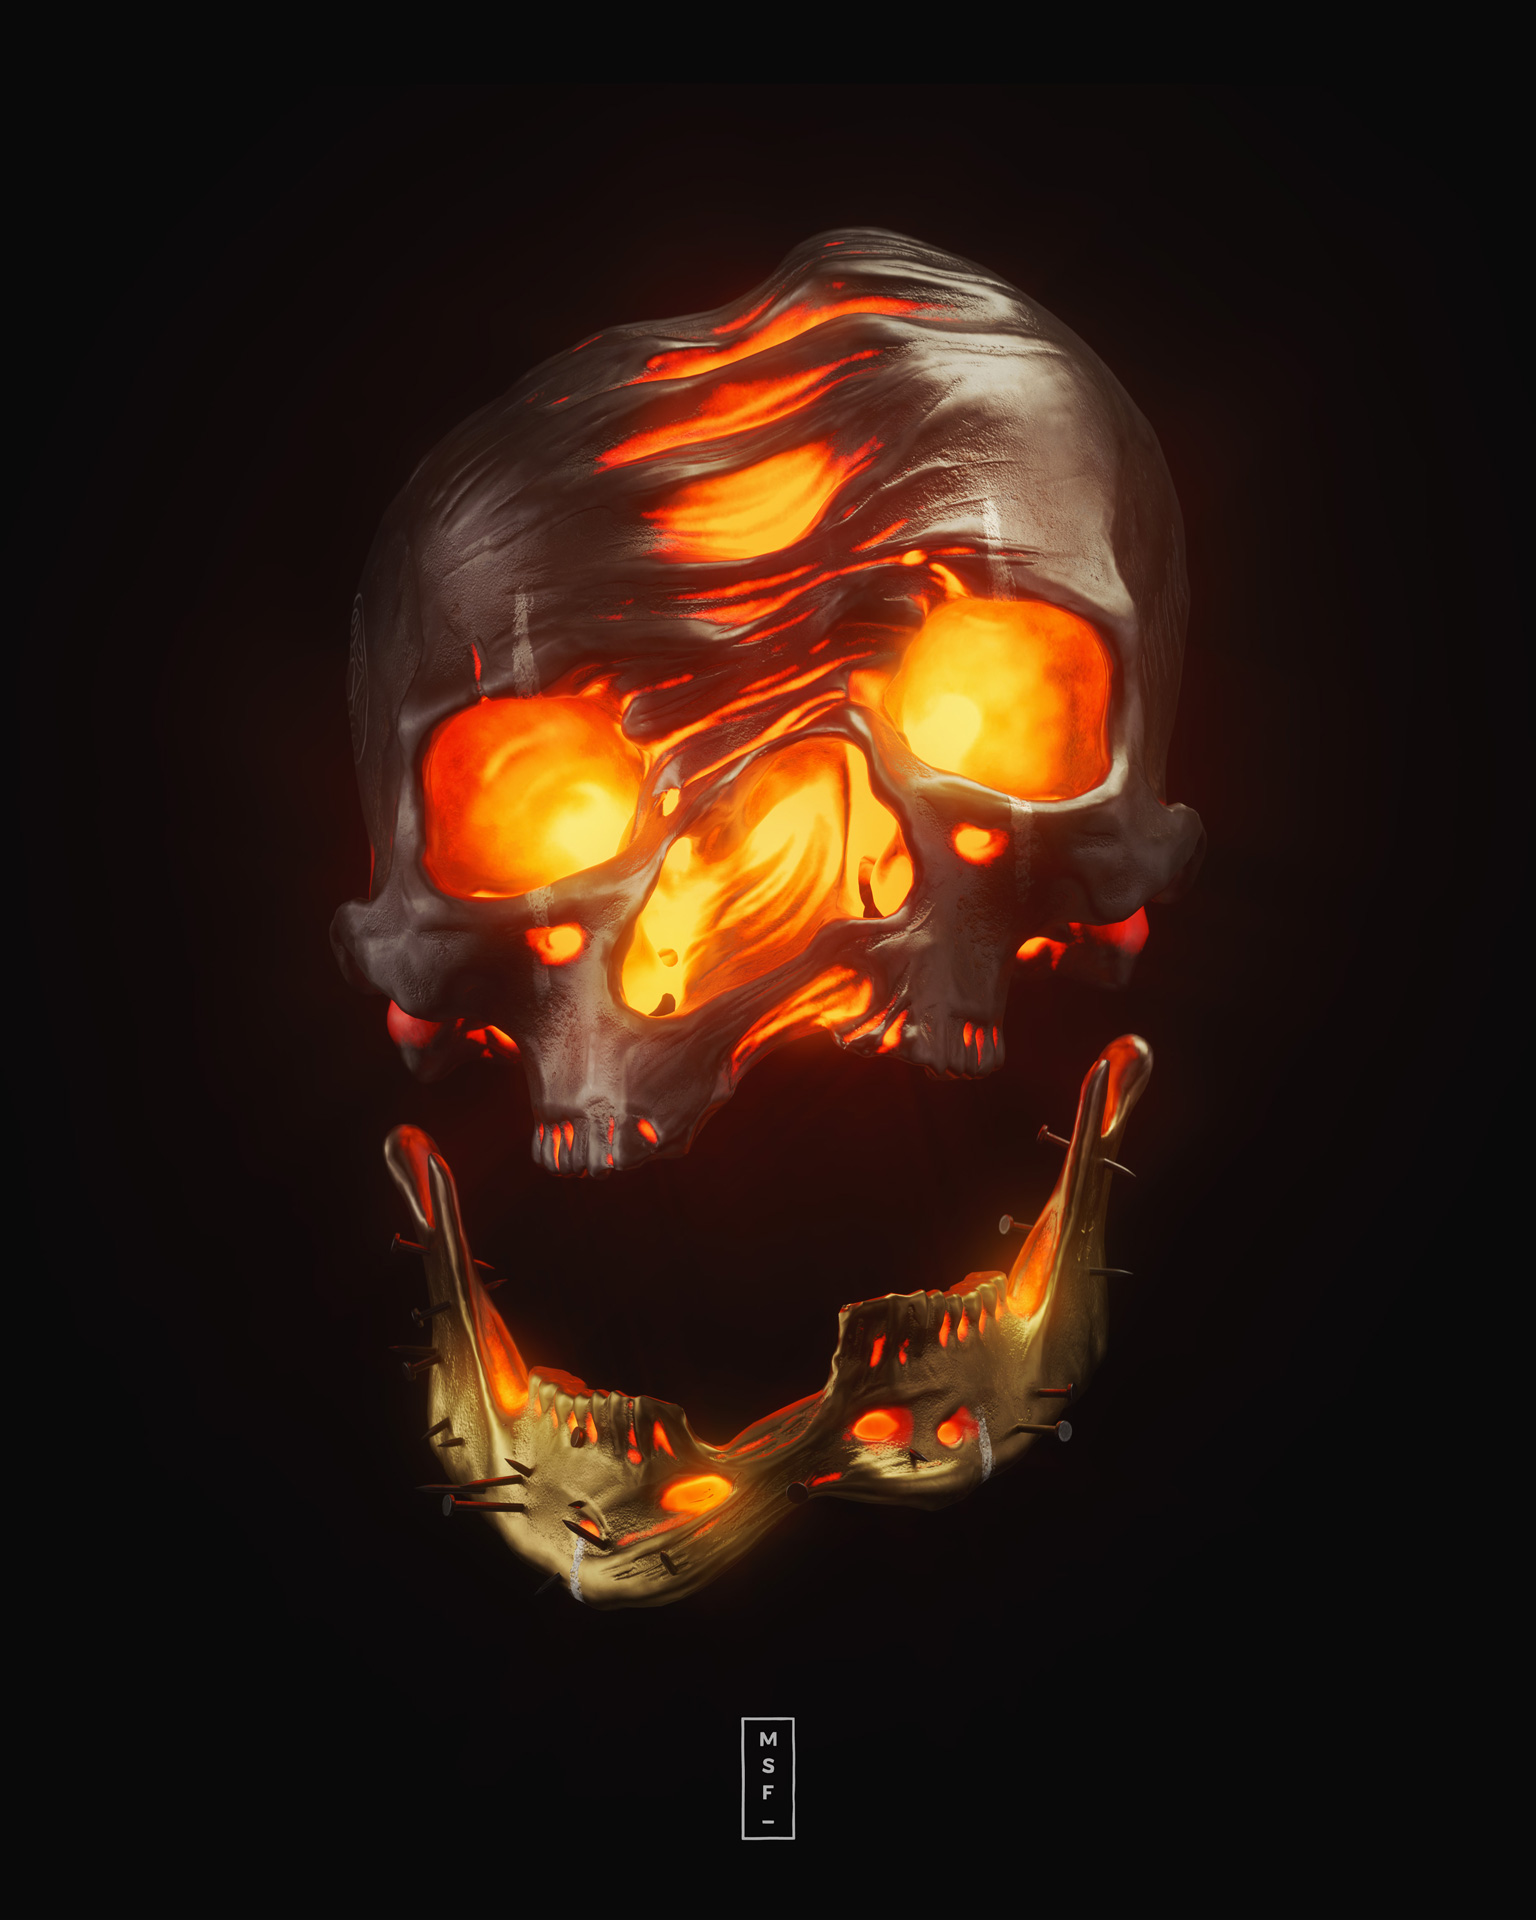 Discidium_2K_Glow_Poster